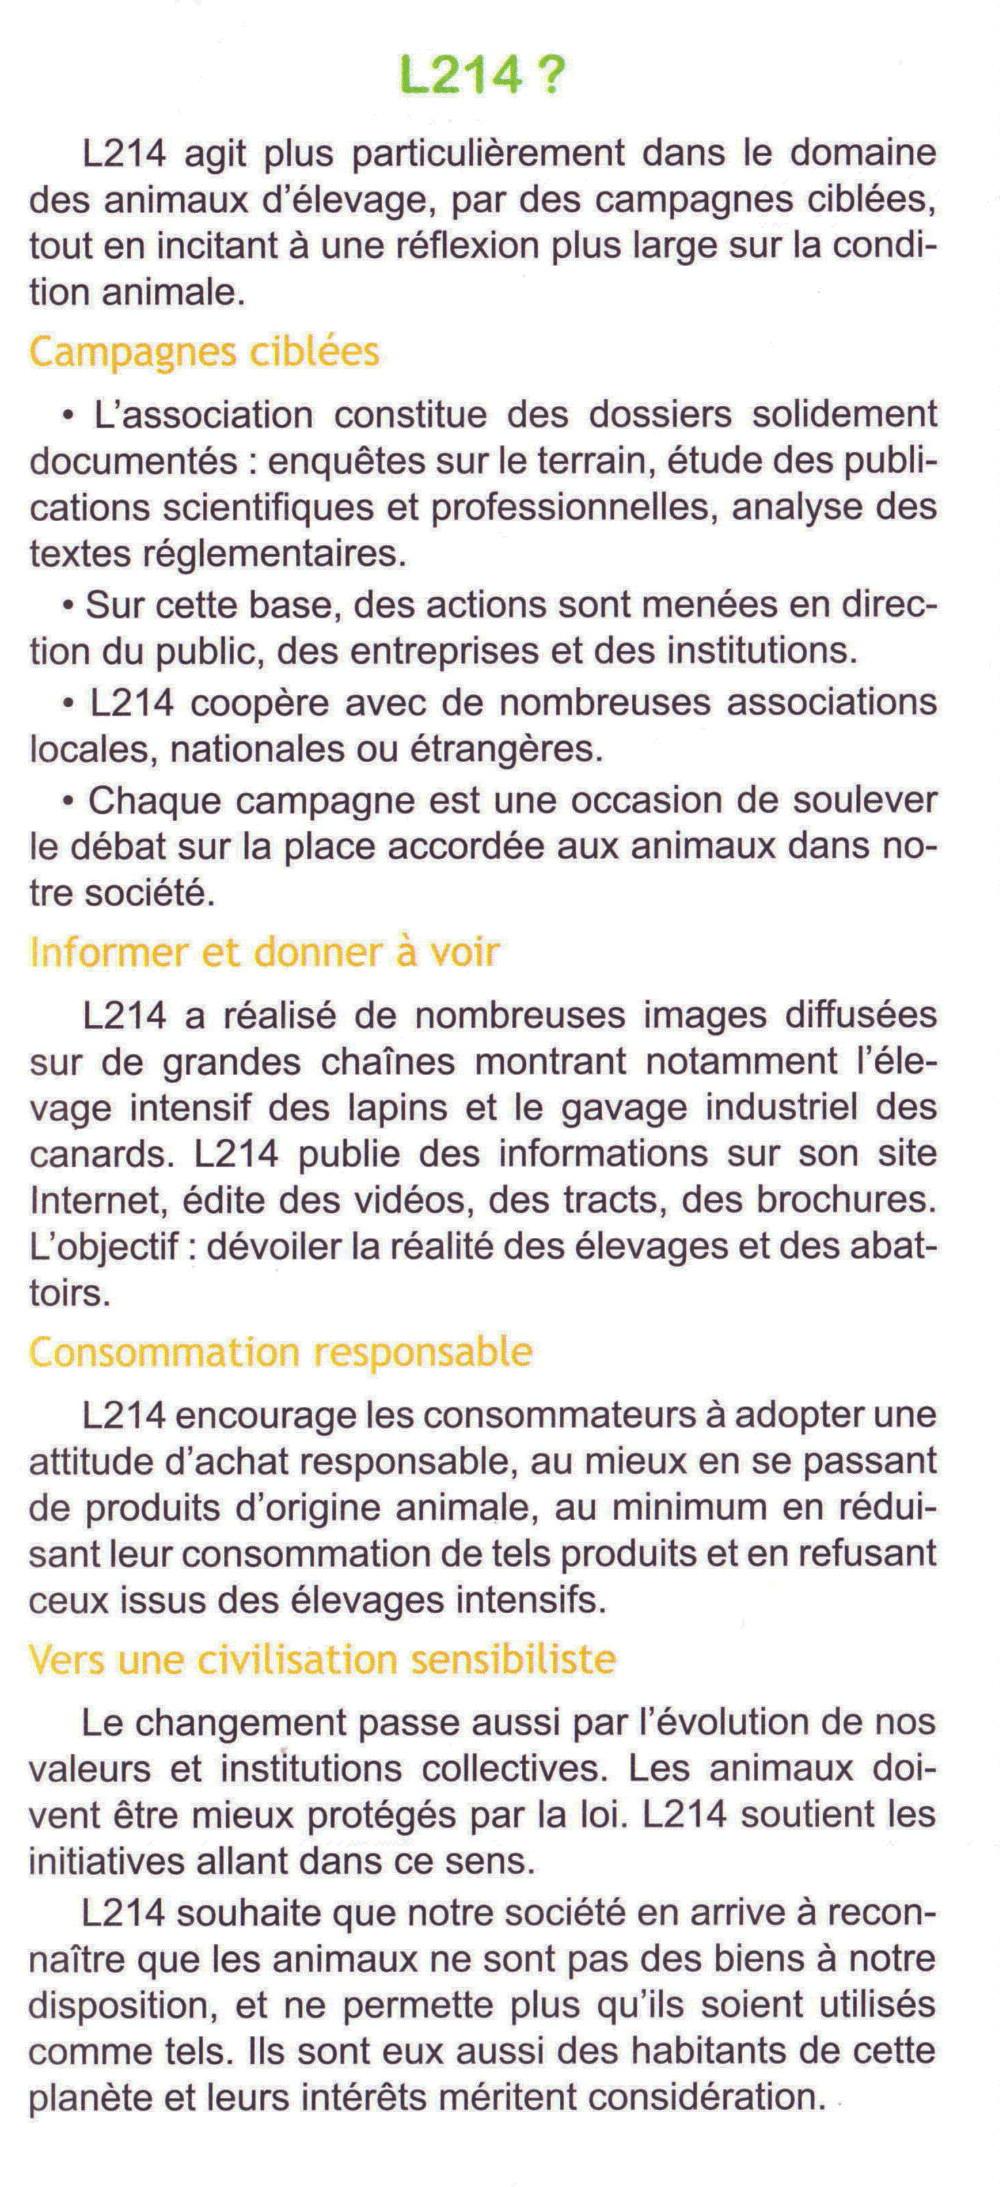 Abolition du foie gras 11/11/2010 Paris : compte-rendu 101111040711853867097089